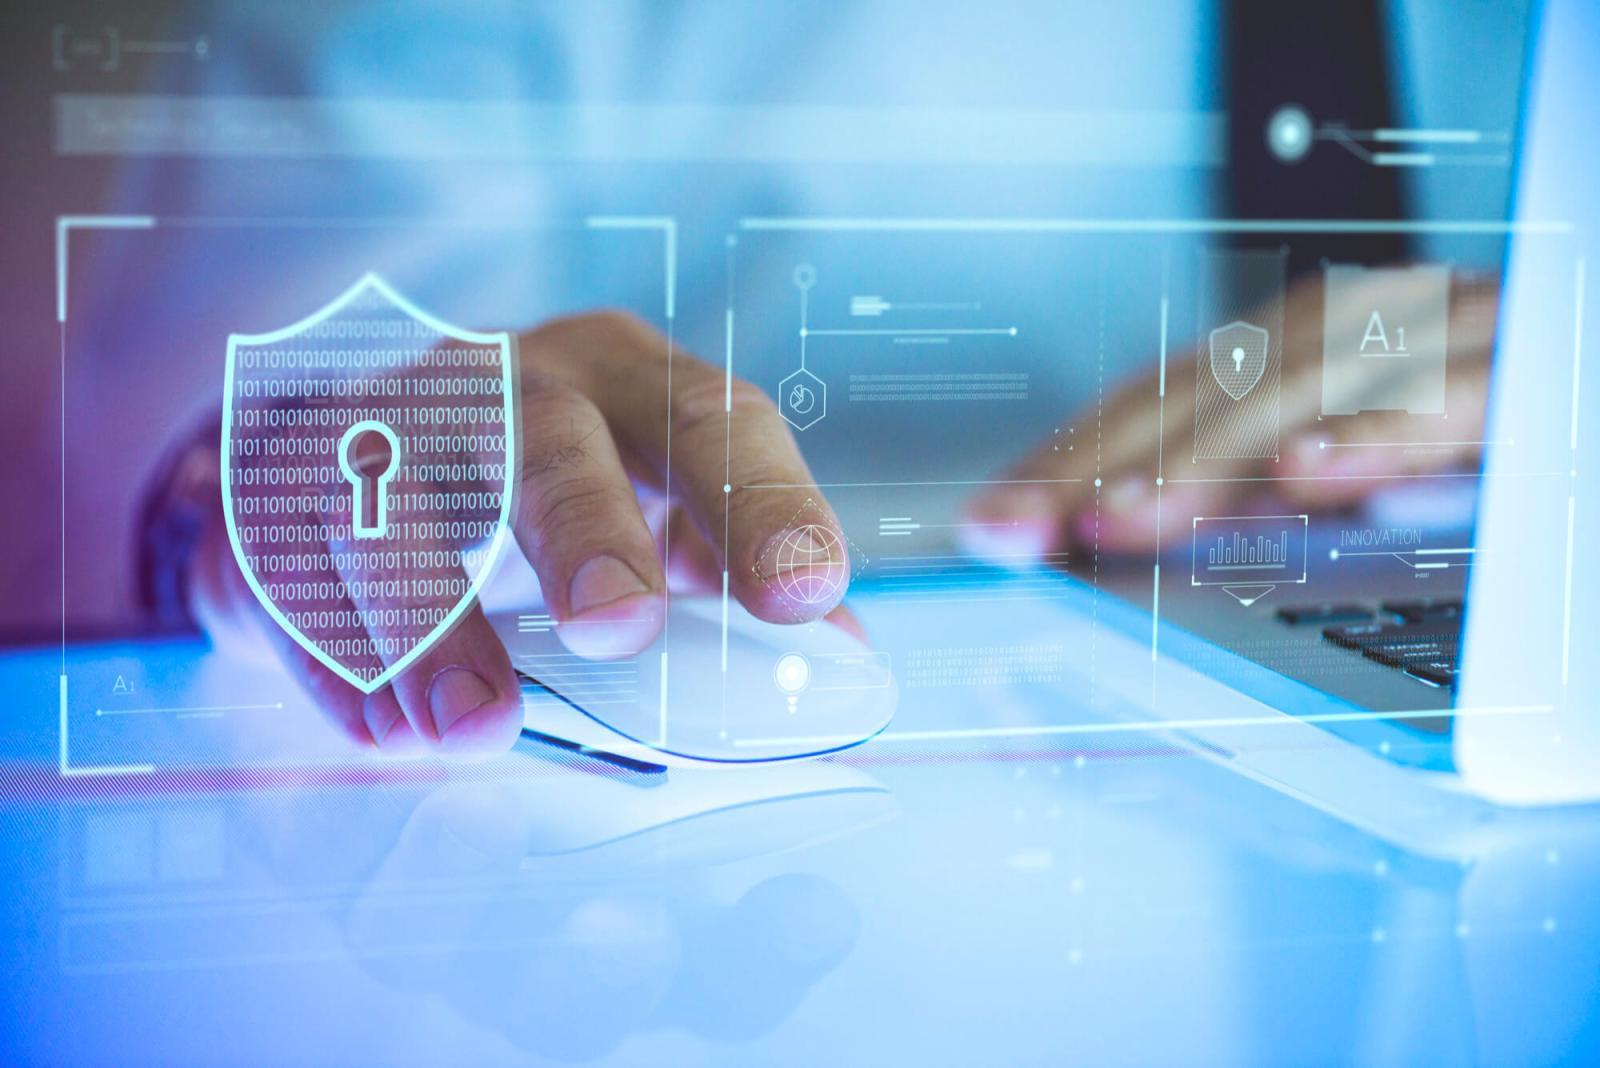 niveau de sécurité fourni par une société d'hébergement Web